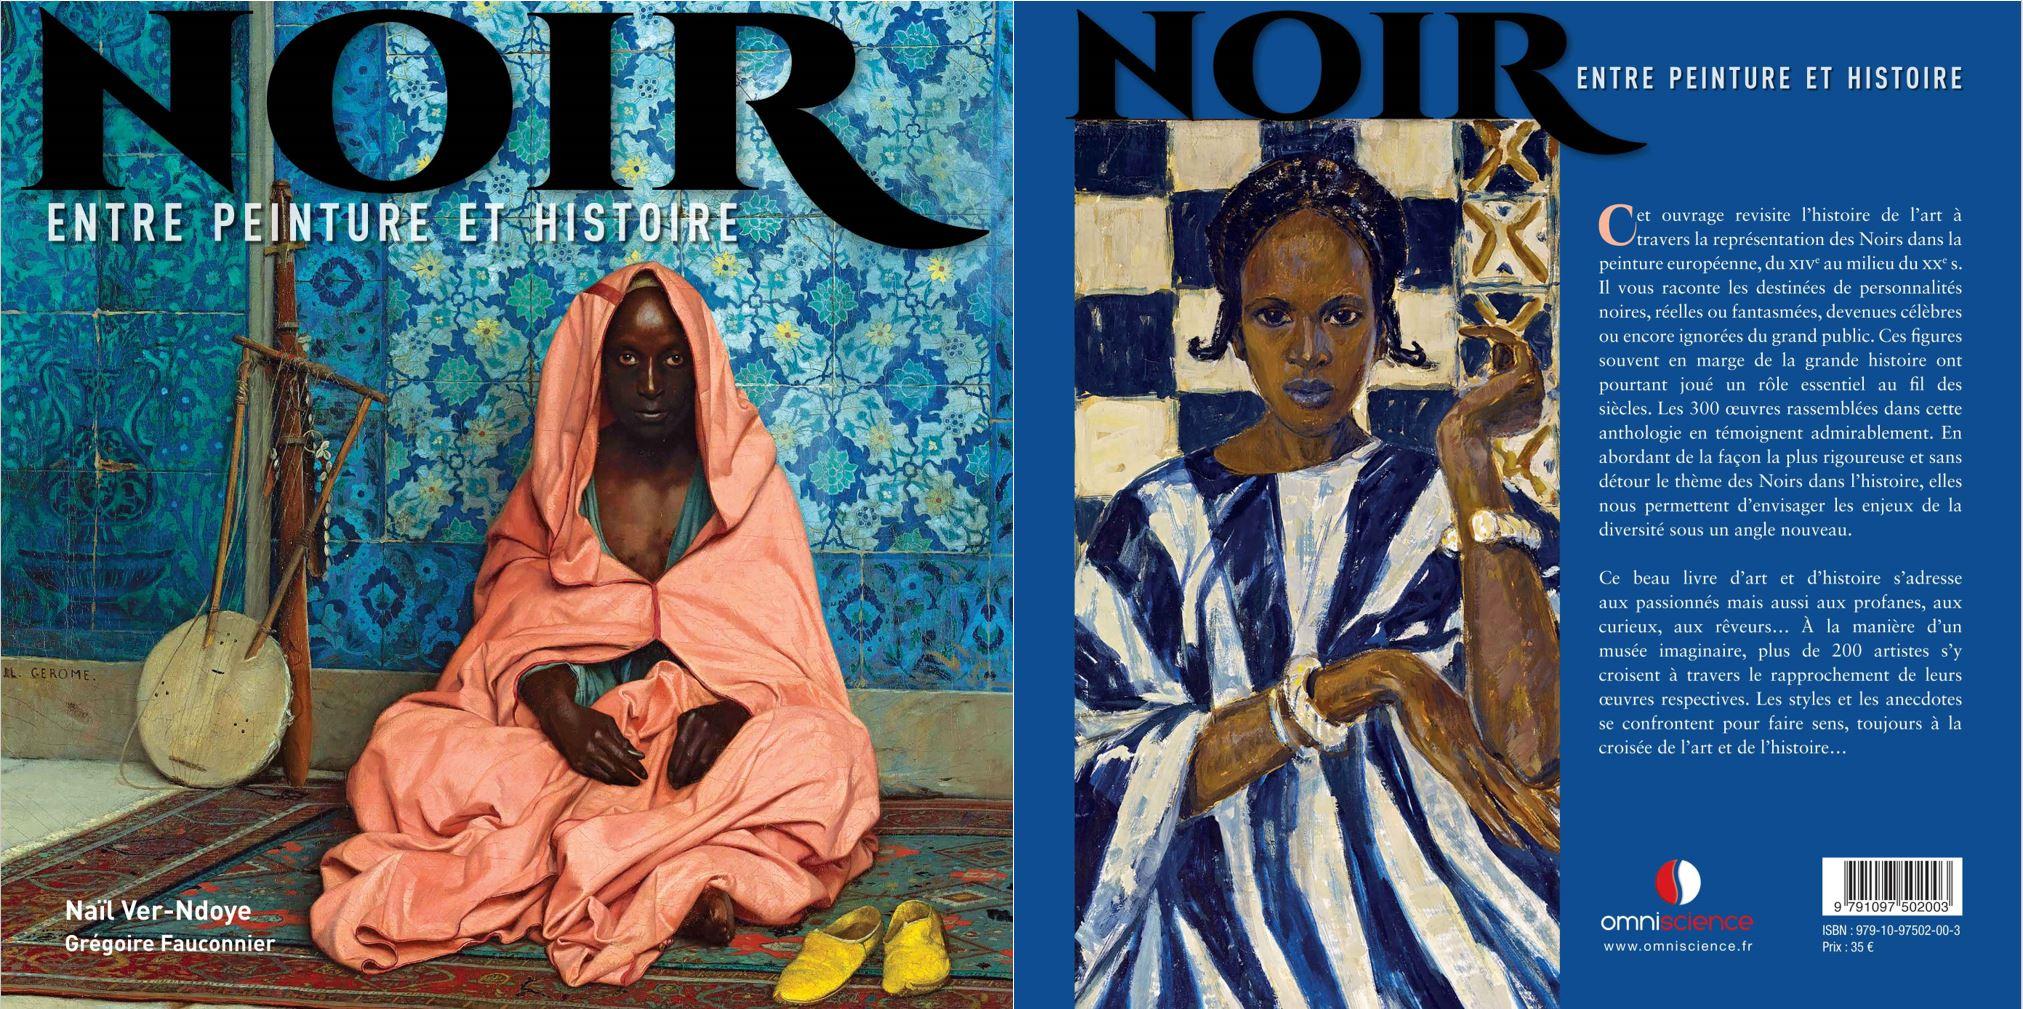 Livre histoire de l'art peinture Noirs